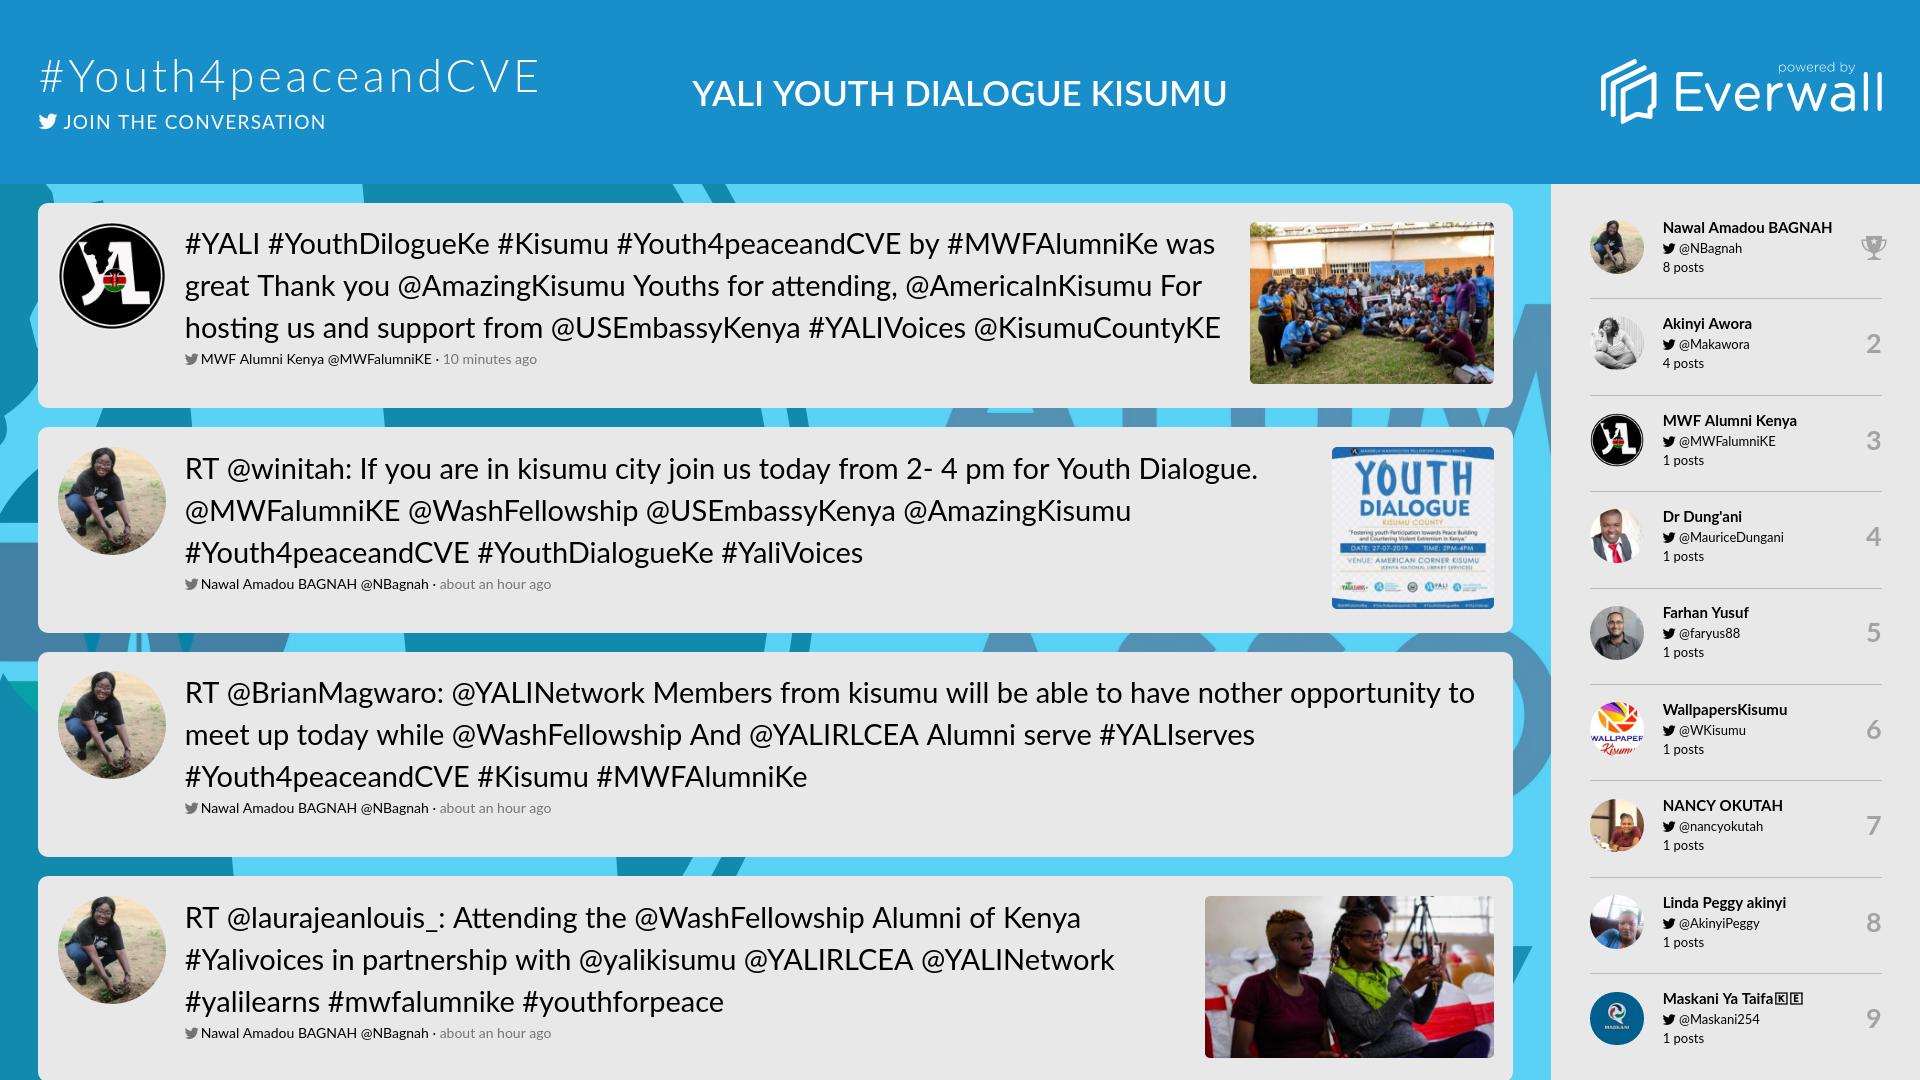 Yali Youth Dialogue